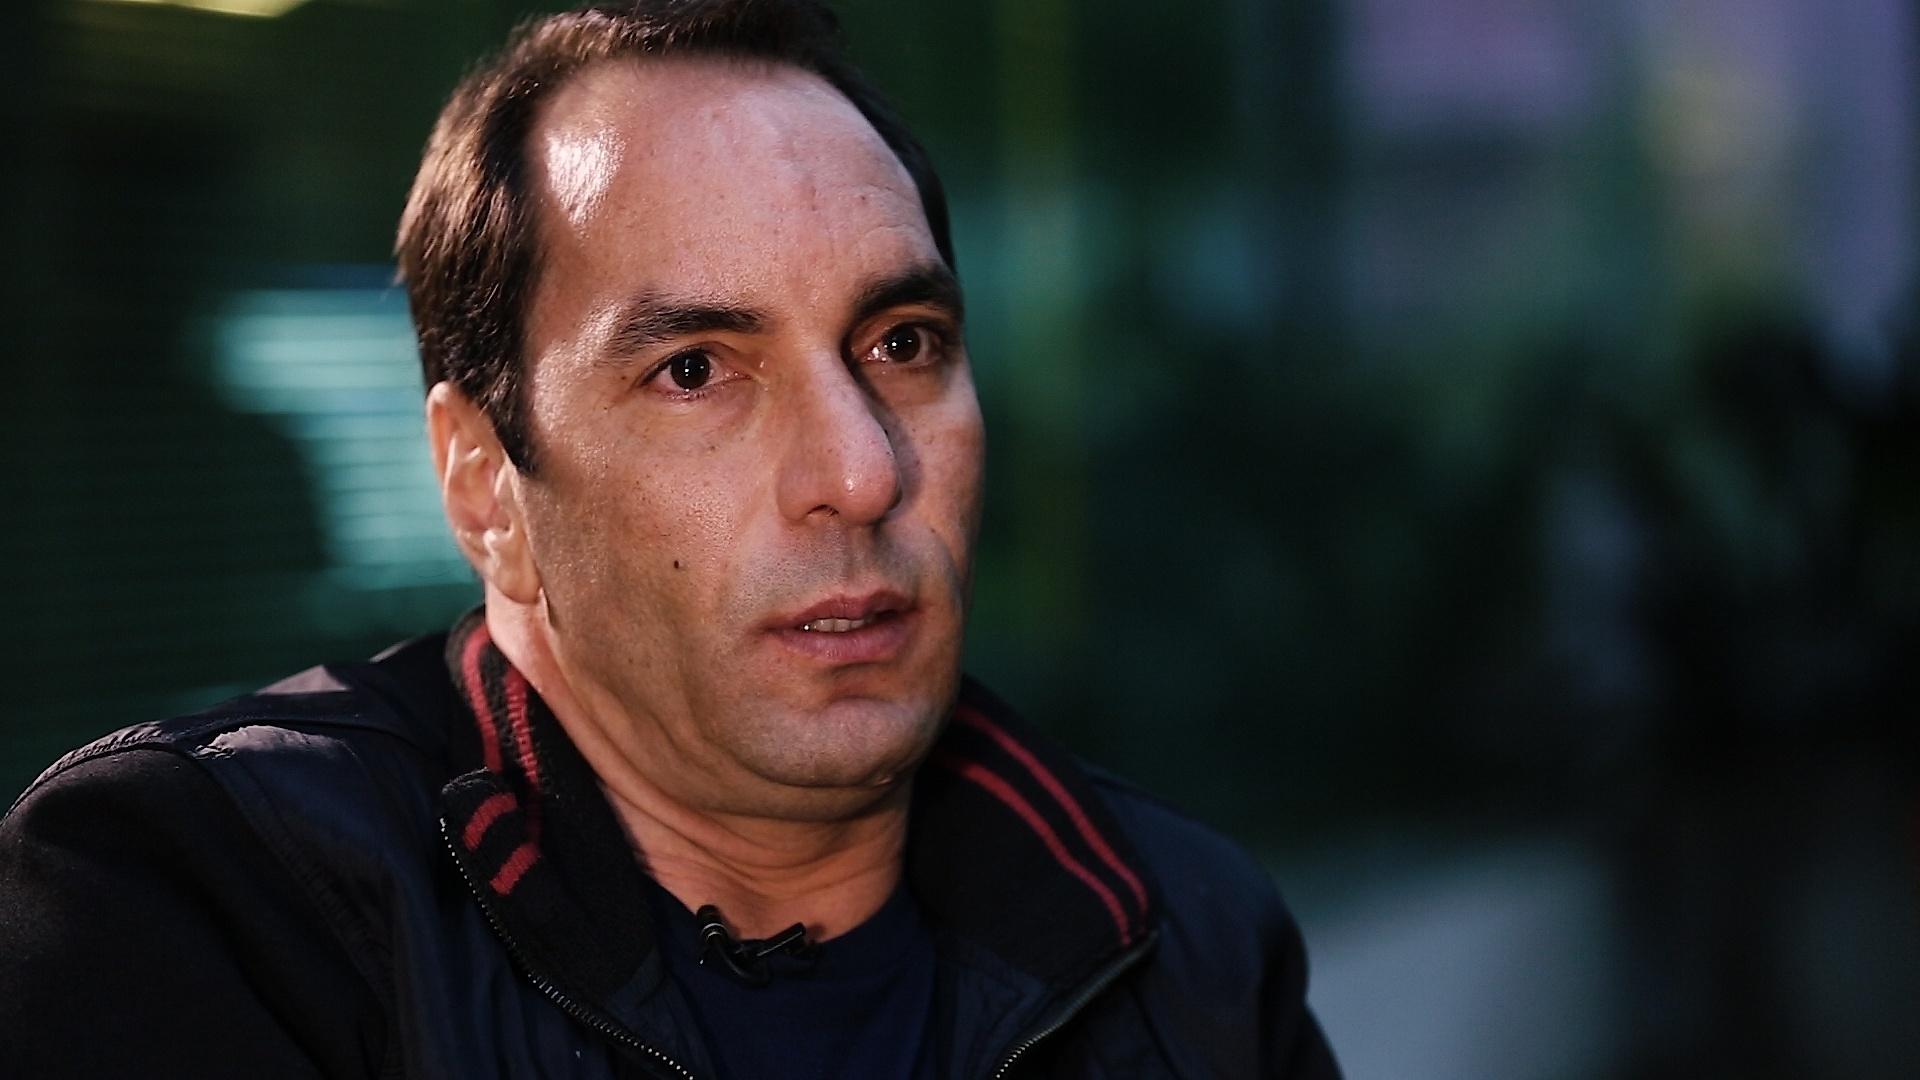 UOL entrevista Edmundo, ex-jogador e comentarista da TV Band